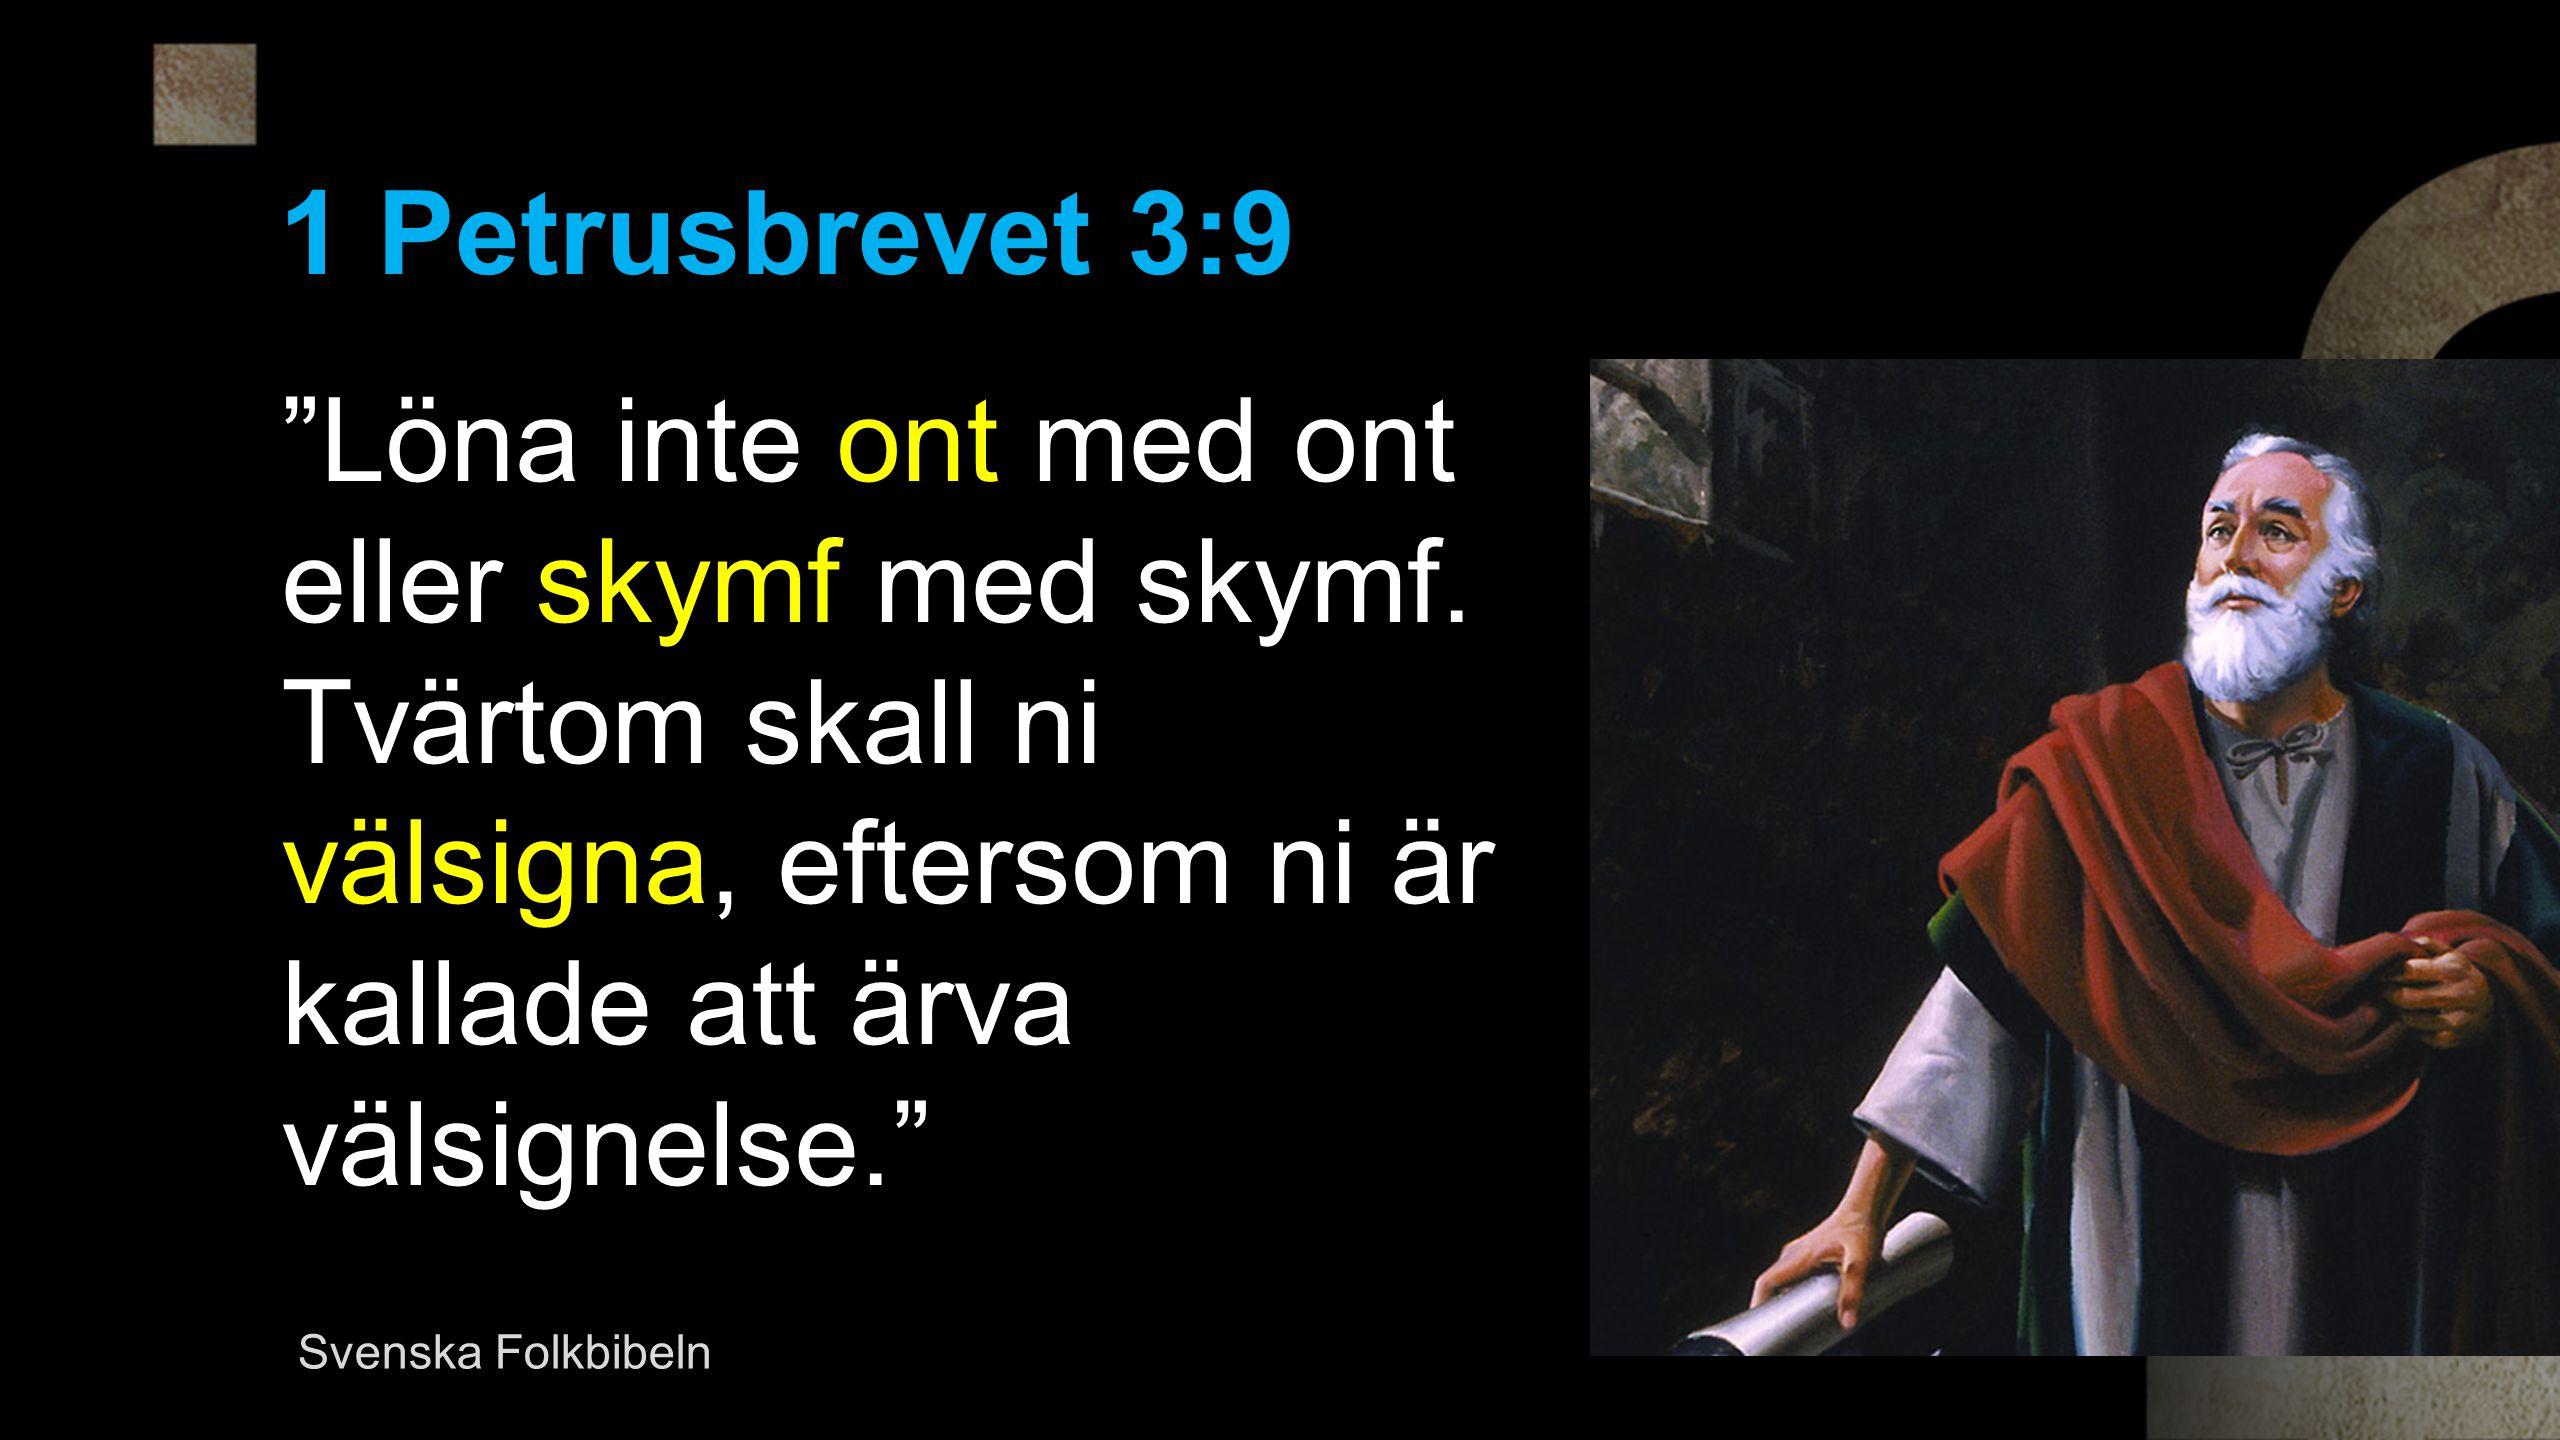 1 Petrusbrevet 3:9 Löna inte ont med ont eller skymf med skymf. Tvärtom skall ni välsigna, eftersom ni är kallade att ärva välsignelse.